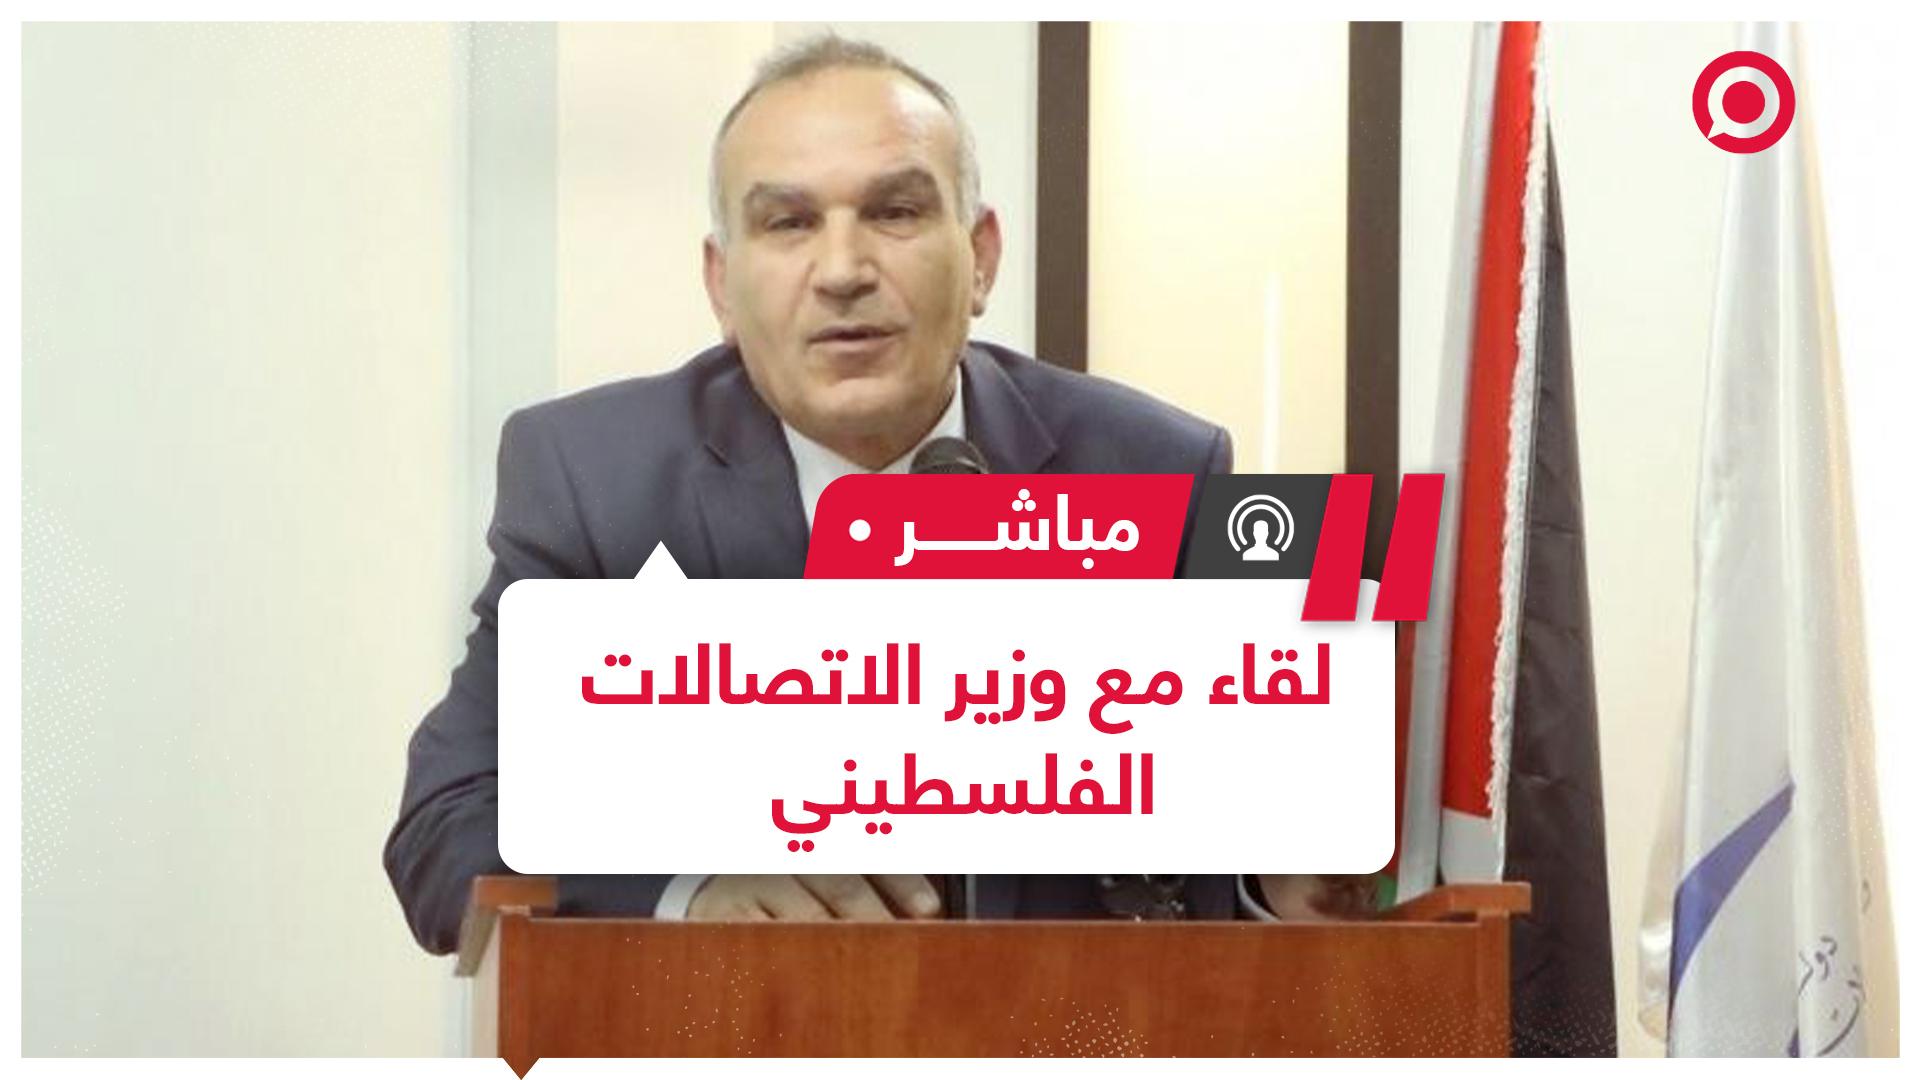 د. إسحق سدر وزير الاتصالات الفلسطيني في لقاء خاص يكشف آثار منع إسرائيل استخدام 4G و5G بفلسطين